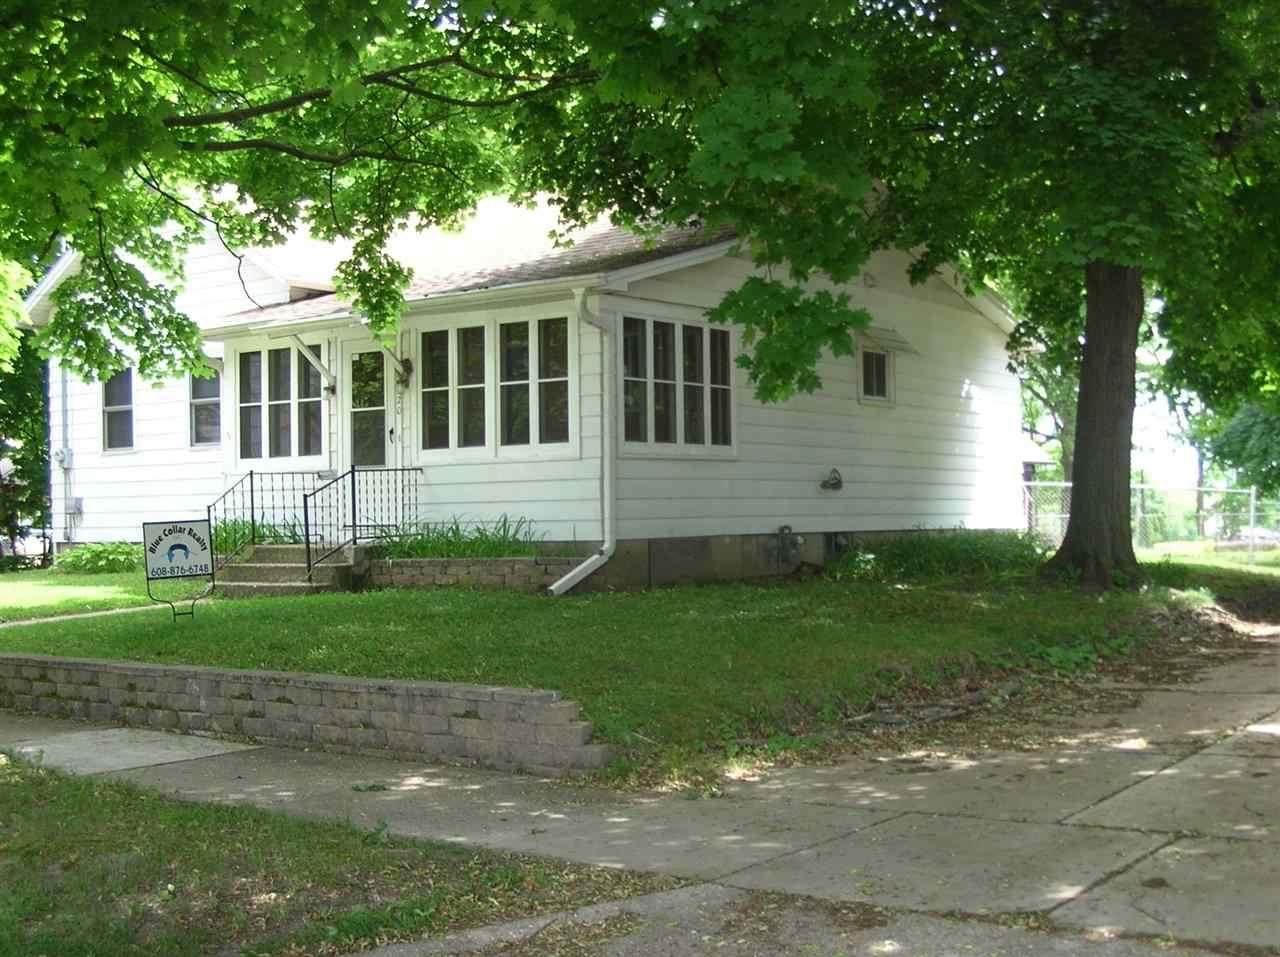 620 N CHATHAM ST, Janesville, WI 53548-8266 - #: 1885321